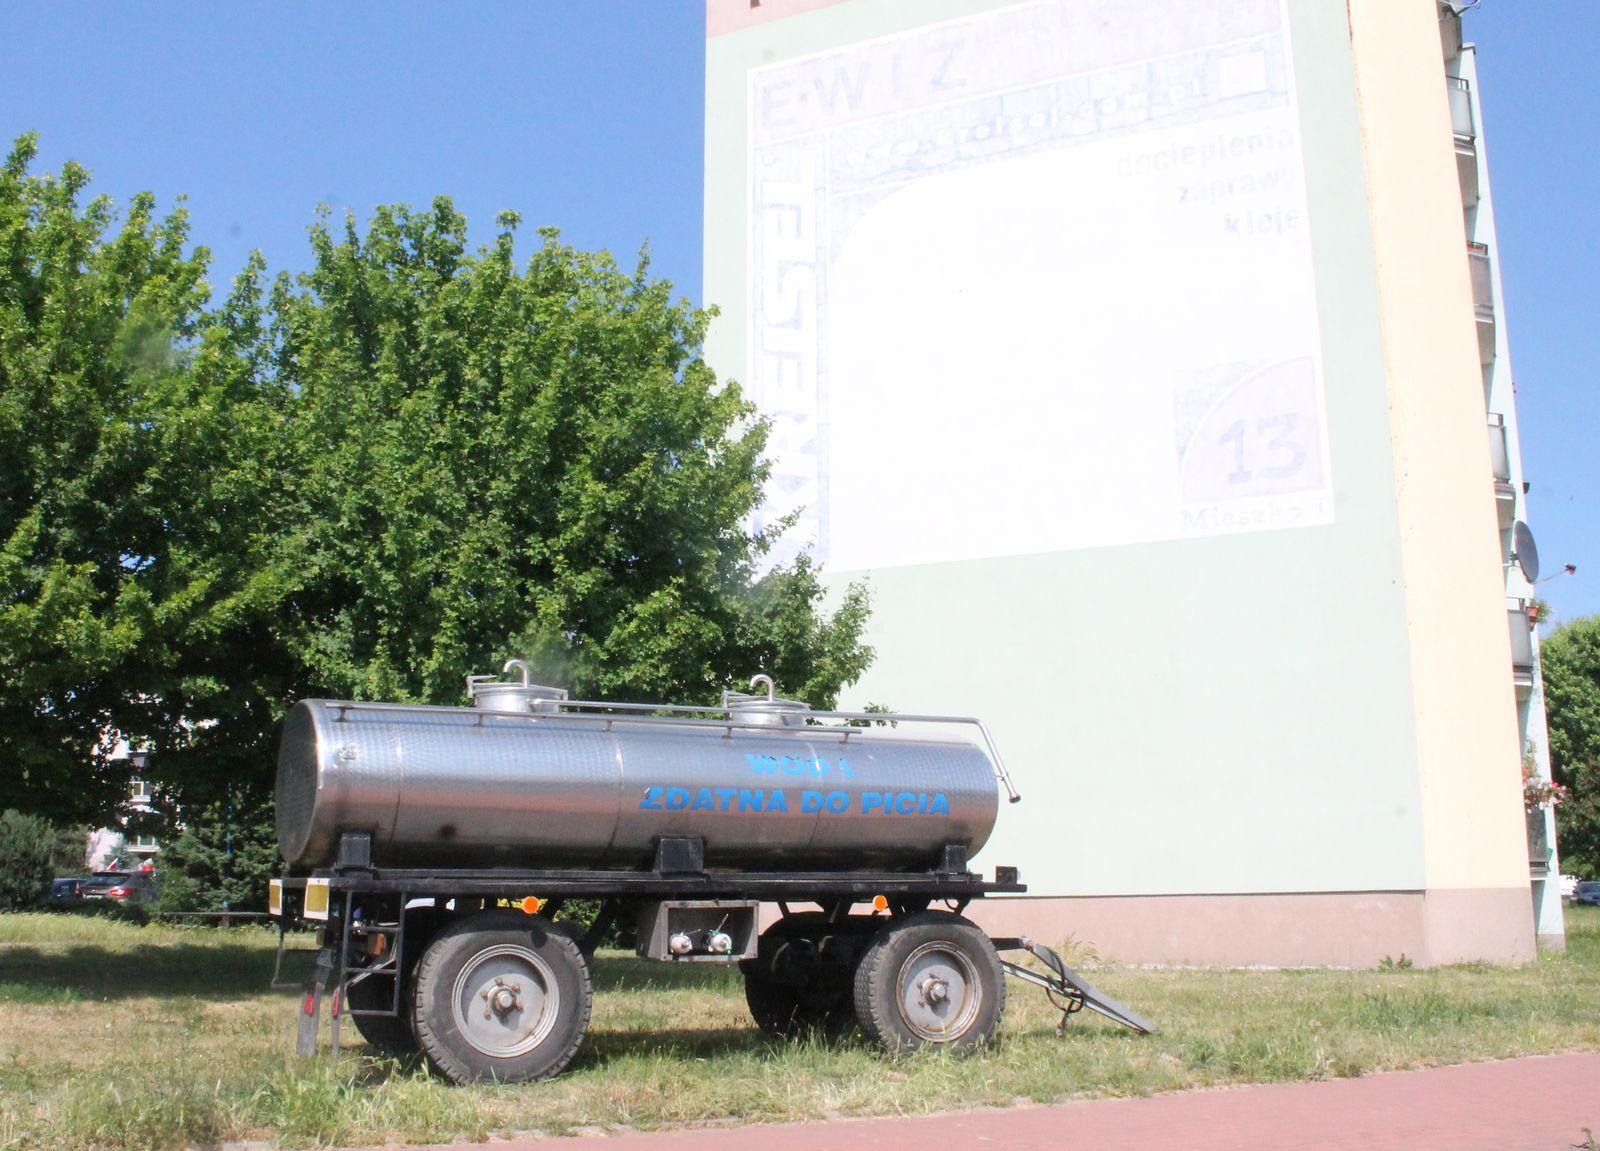 Pleszew. Poważne problemy z wodą. Mieszkańcy wściekli, zamknęła się też m.in. restauracja - Zdjęcie główne